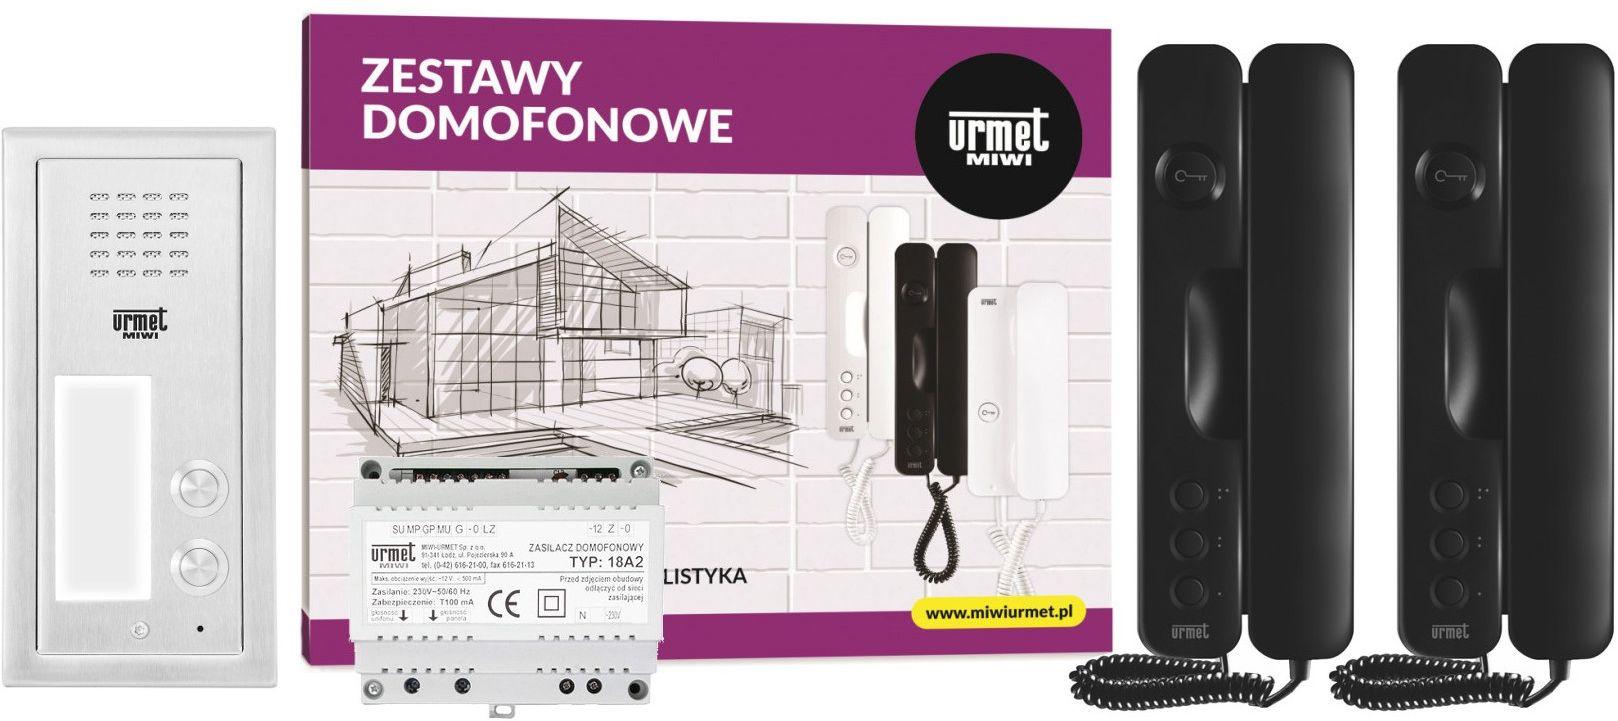 Zestaw domofonowy 6025/442 MIWI-URMET